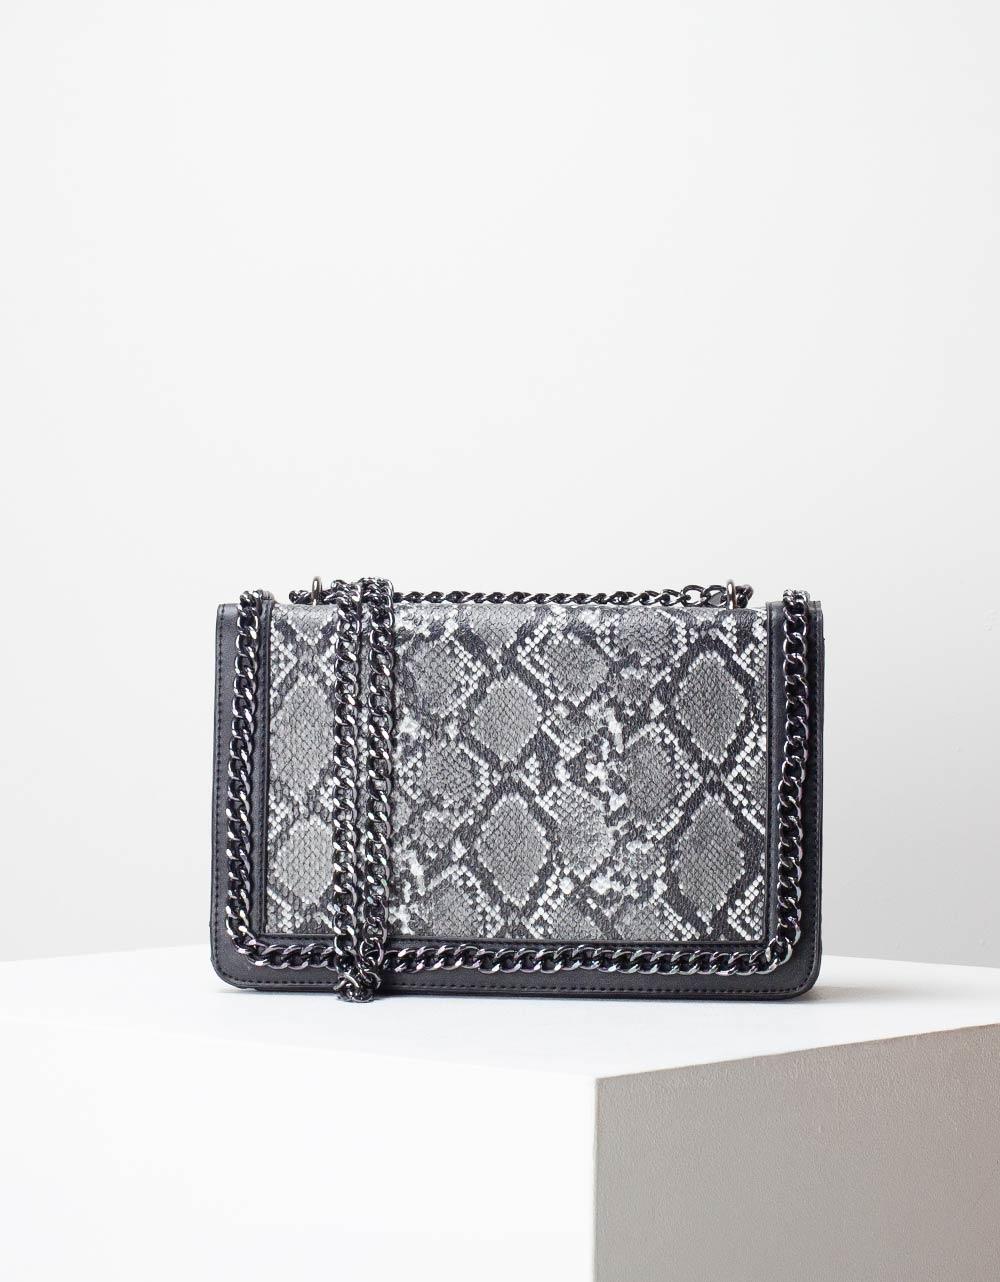 Εικόνα από Γυναικεία τσάντα ώμου & χιαστί animal print με αλυσίδα Μαύρο